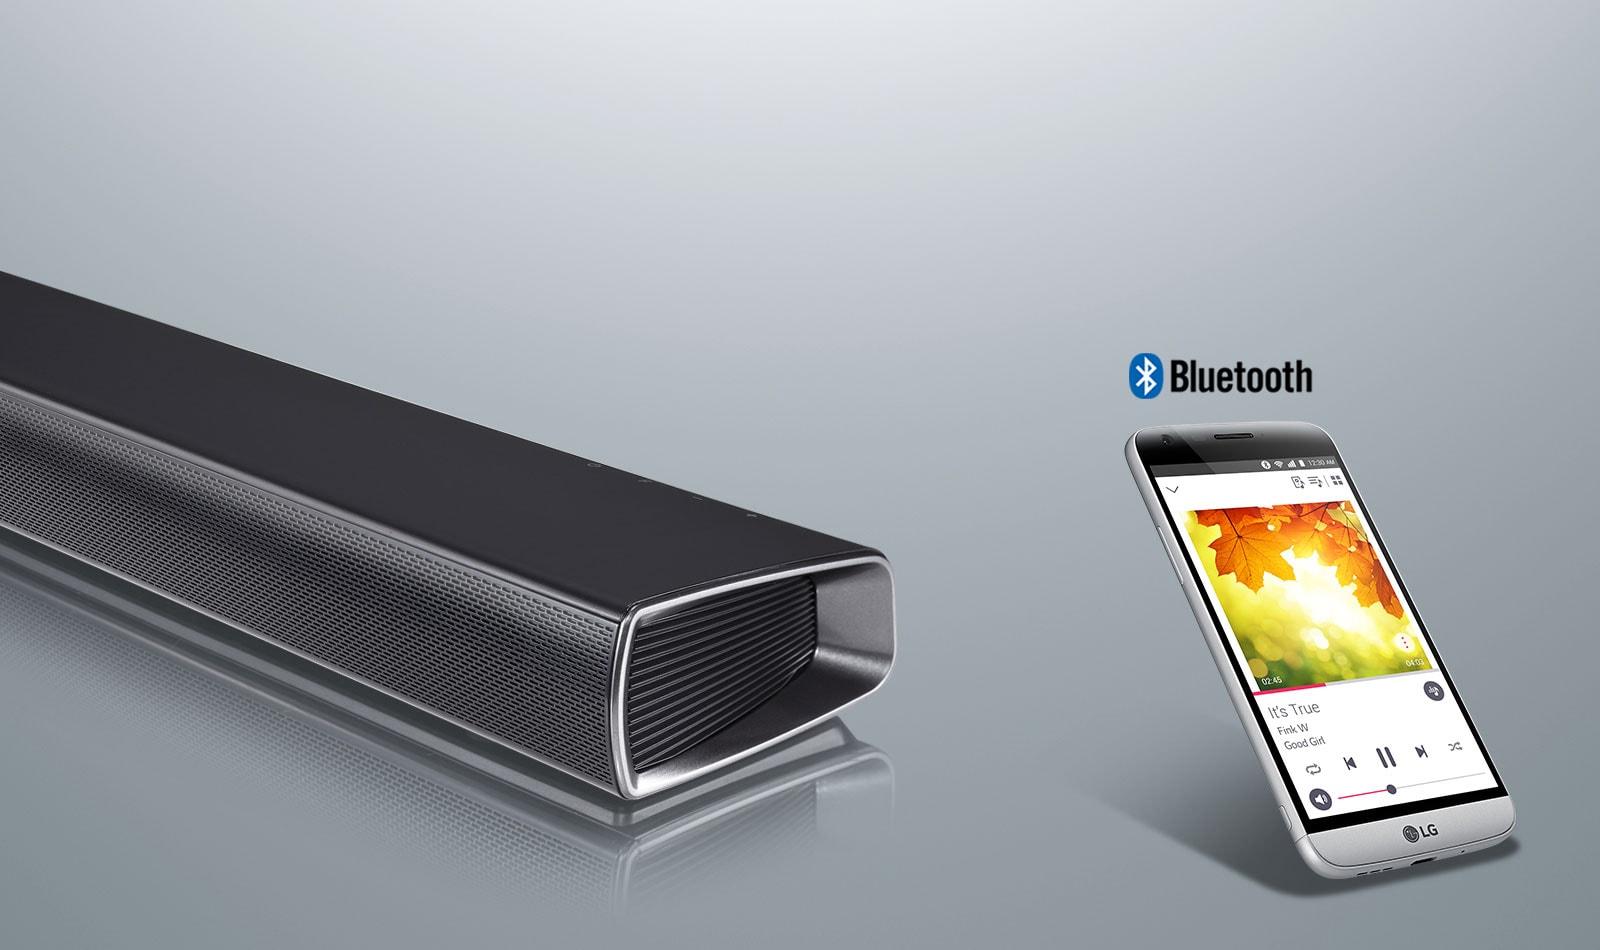 LG SJ3 USB Soundbar